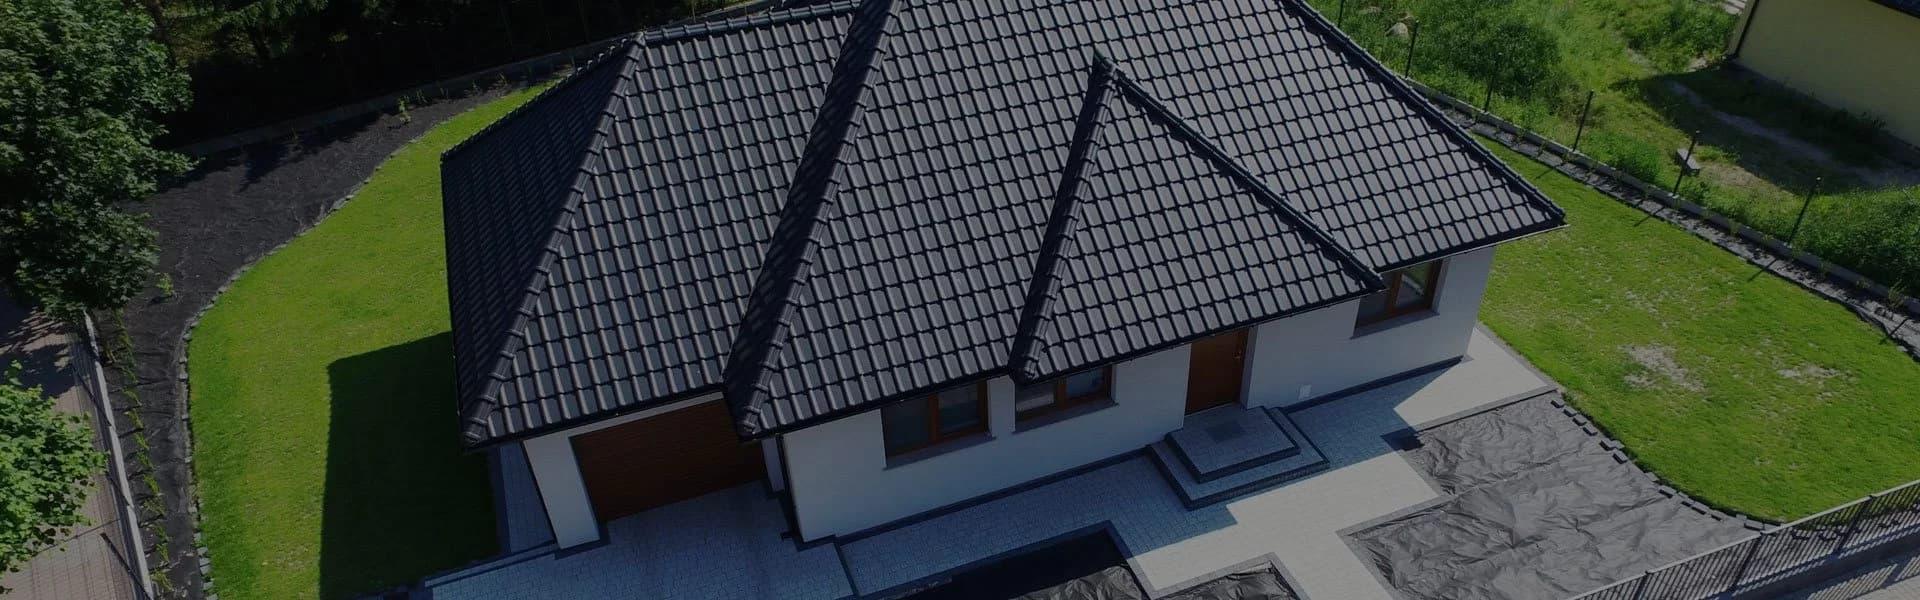 Dom z Keramzytu - budowa domków jednorodzinnych w Chojnowie